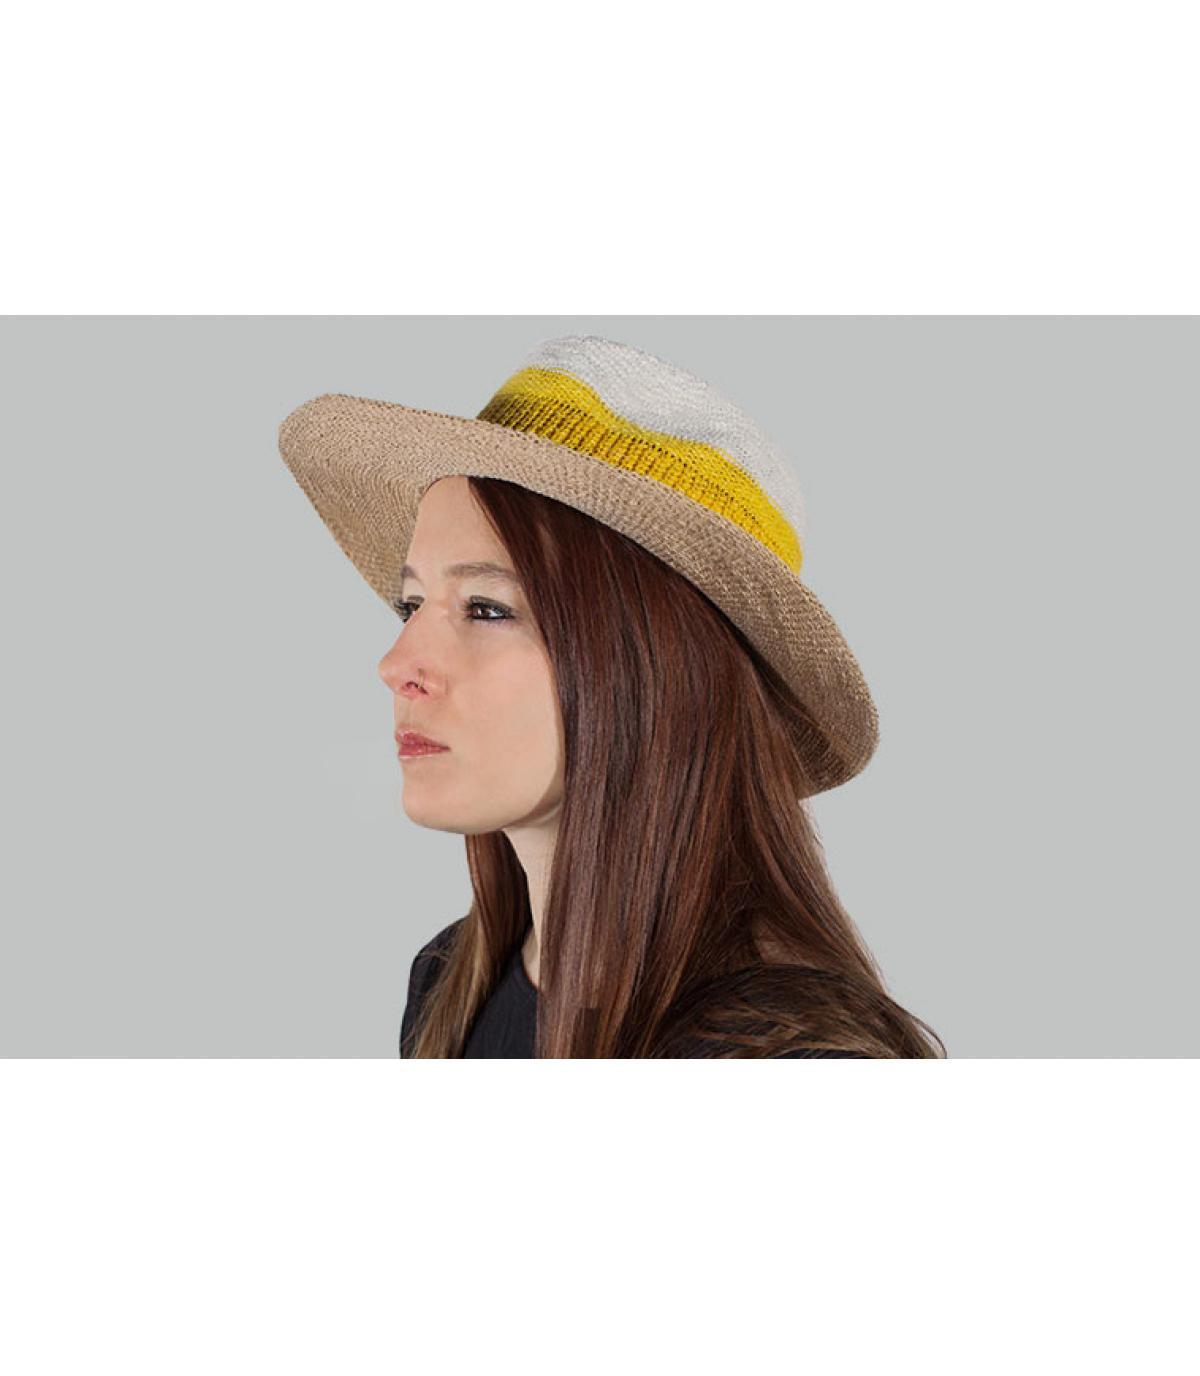 cappello a strisce gialle